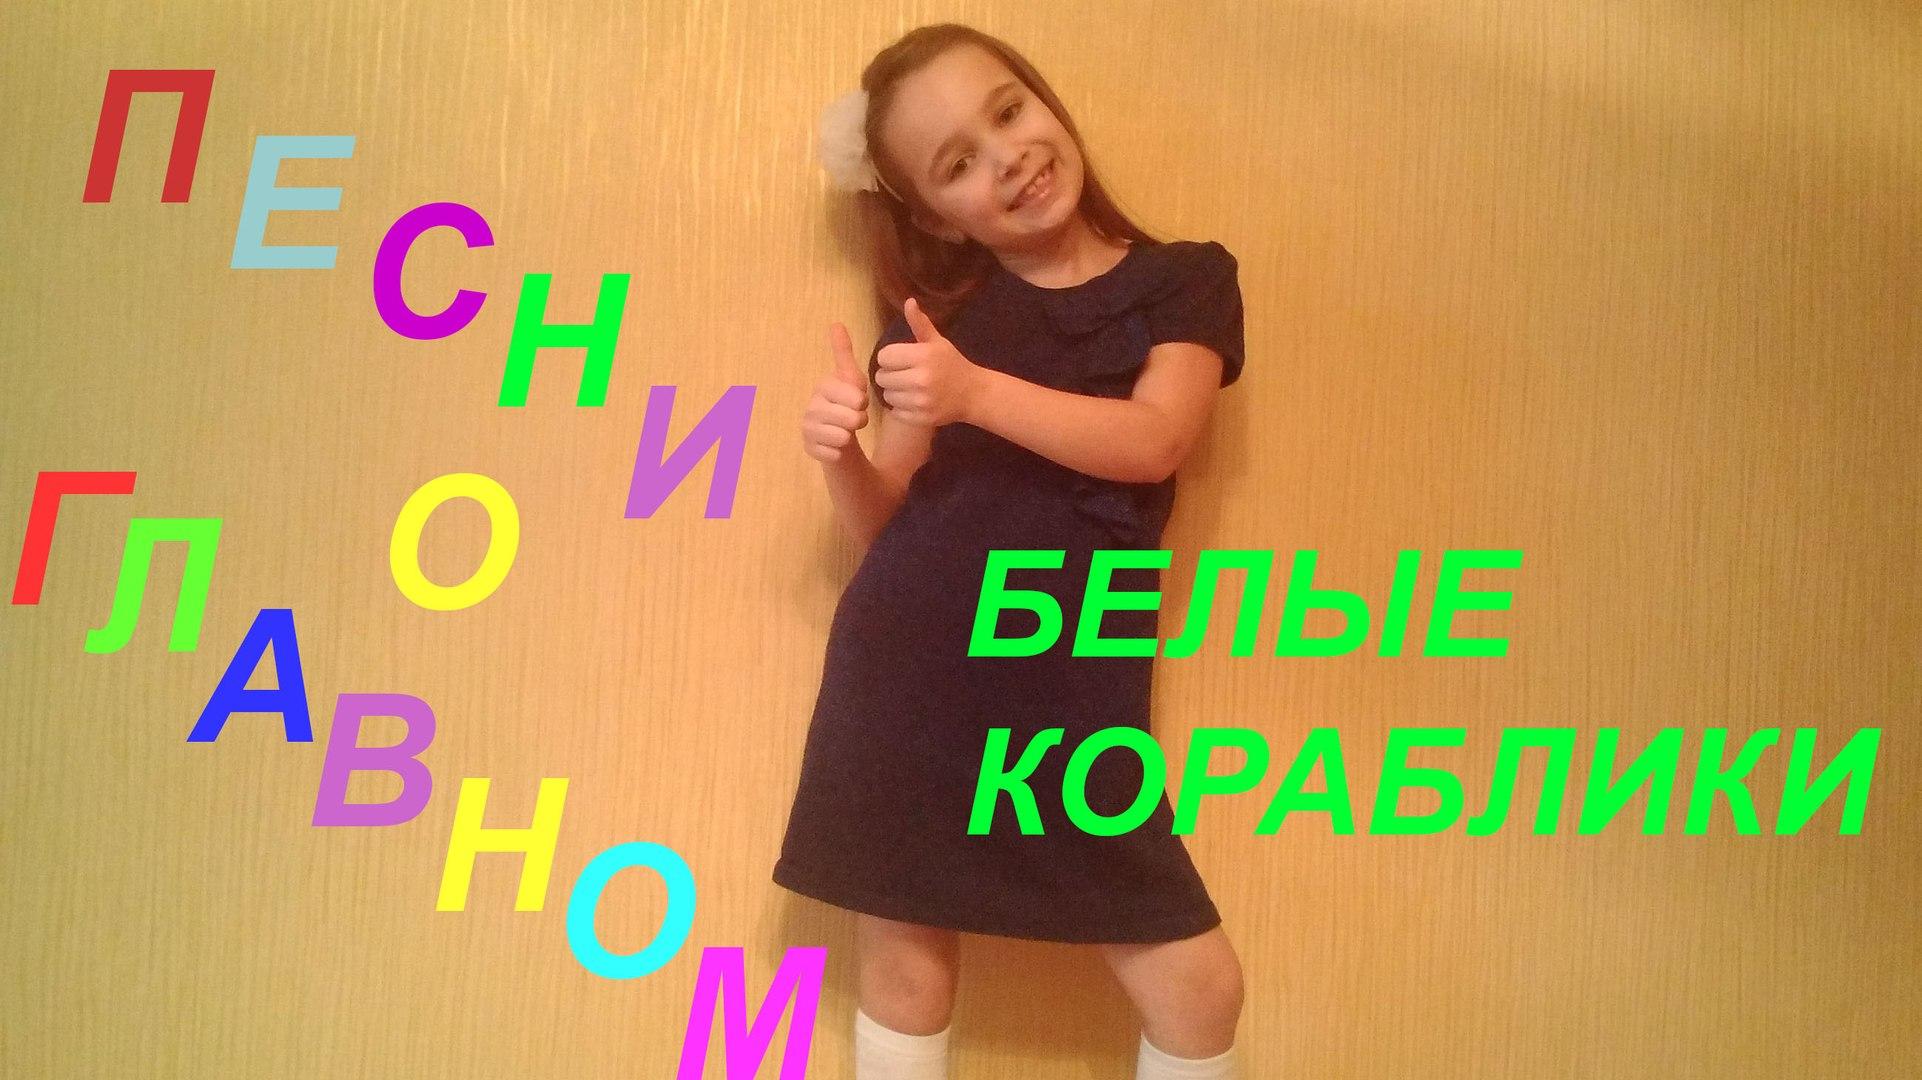 UKRAINIAN GIRLS,UKRAINIAN KIDS,ПЕСНЯ БЕЛЫЕ КОРАБЛИКИ,ПОЮТ ПОЛИНА И АÐ